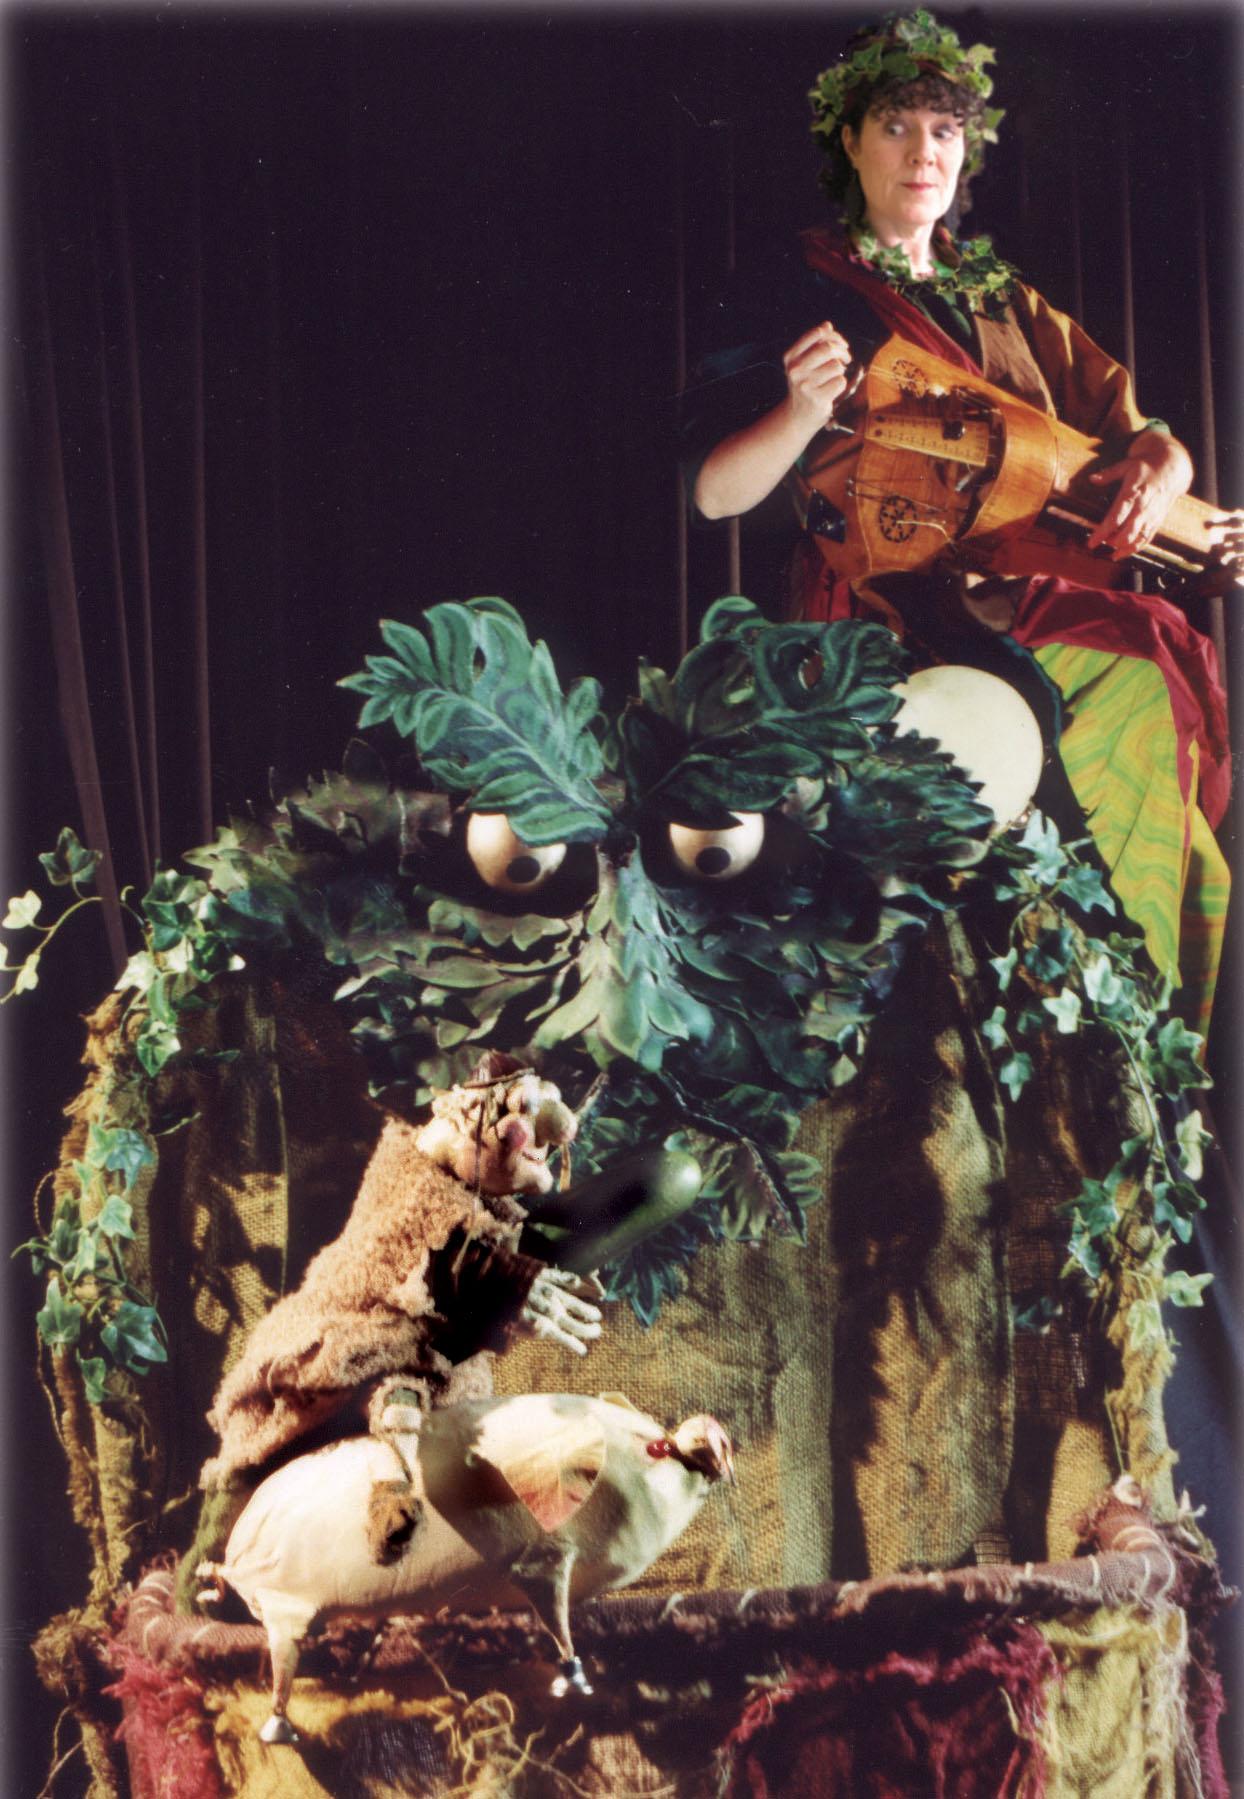 <em>Piggery Jokery</em> (1995) par le Hand to Mouth Theatre (New Forest, Royaume-Uni), mise en scène, conception et fabrication de marionnettes : Martin Bridle et Su Eaton, marionnettiste sur la photo : Su Eaton. Marionnette à gaine. Photo: Joe Low